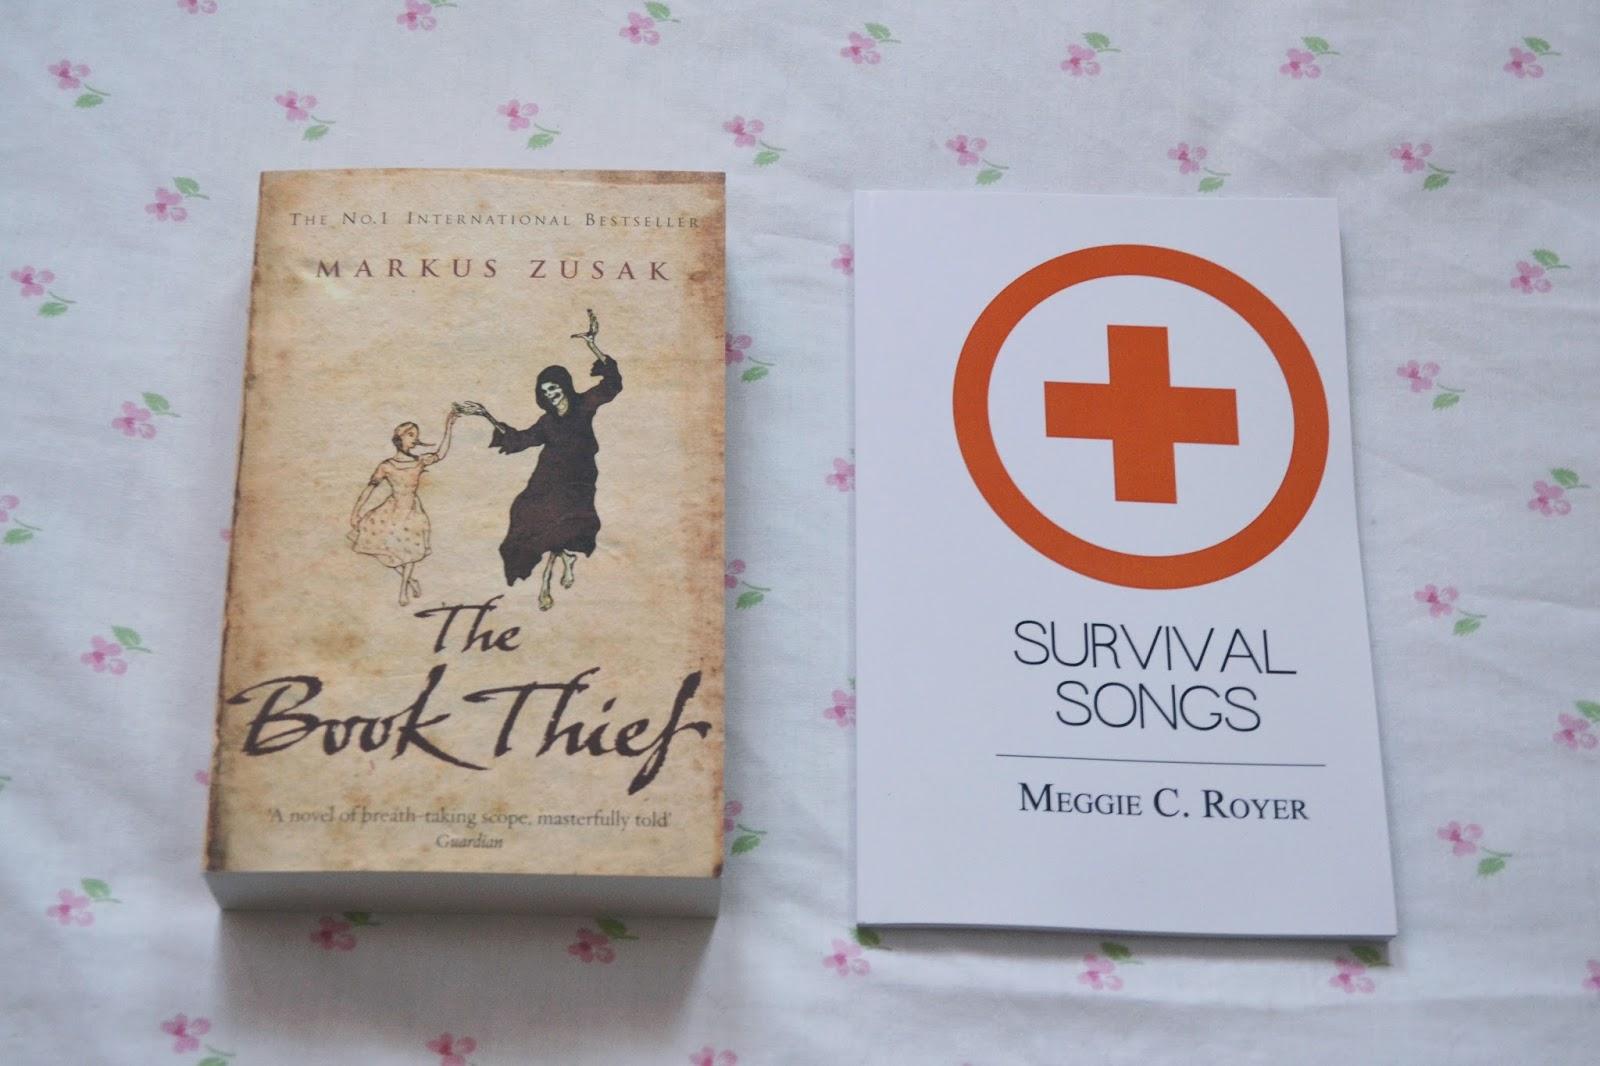 the book thief markus zusak survival songs meggie royer